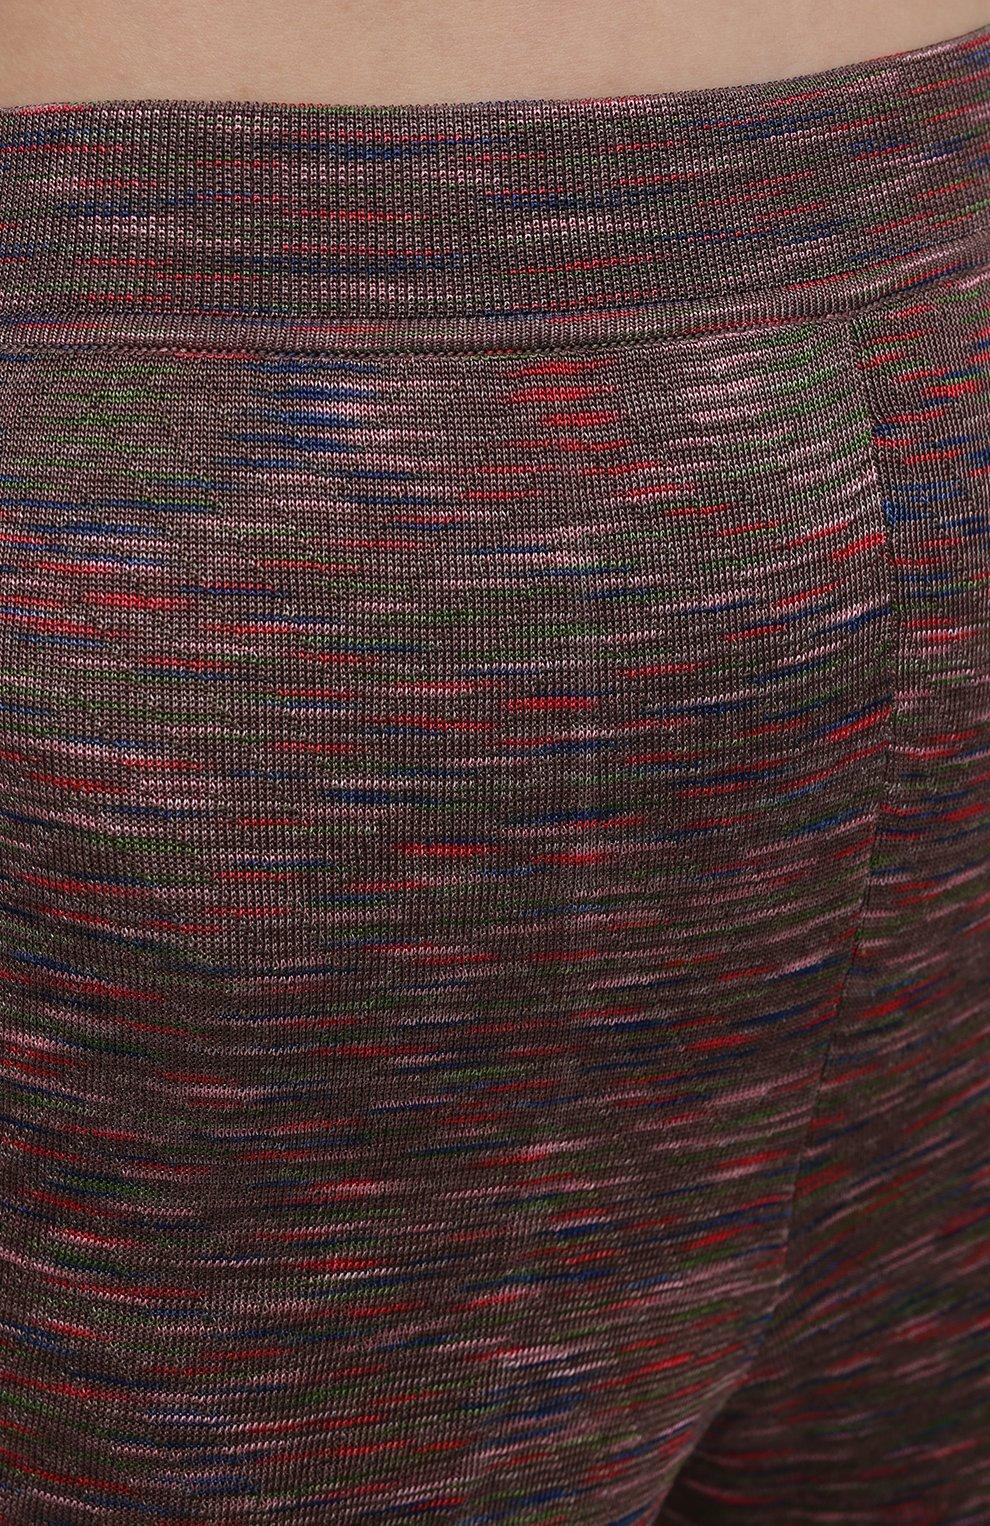 Женские брюки из вискозы и хлопка M MISSONI разноцветного цвета, арт. 2DI00271/2K008B | Фото 5 (Длина (брюки, джинсы): Стандартные; Женское Кросс-КТ: Брюки-одежда; Кросс-КТ: Трикотаж; Силуэт Ж (брюки и джинсы): Расклешенные; Материал внешний: Хлопок, Вискоза; Стили: Бохо)